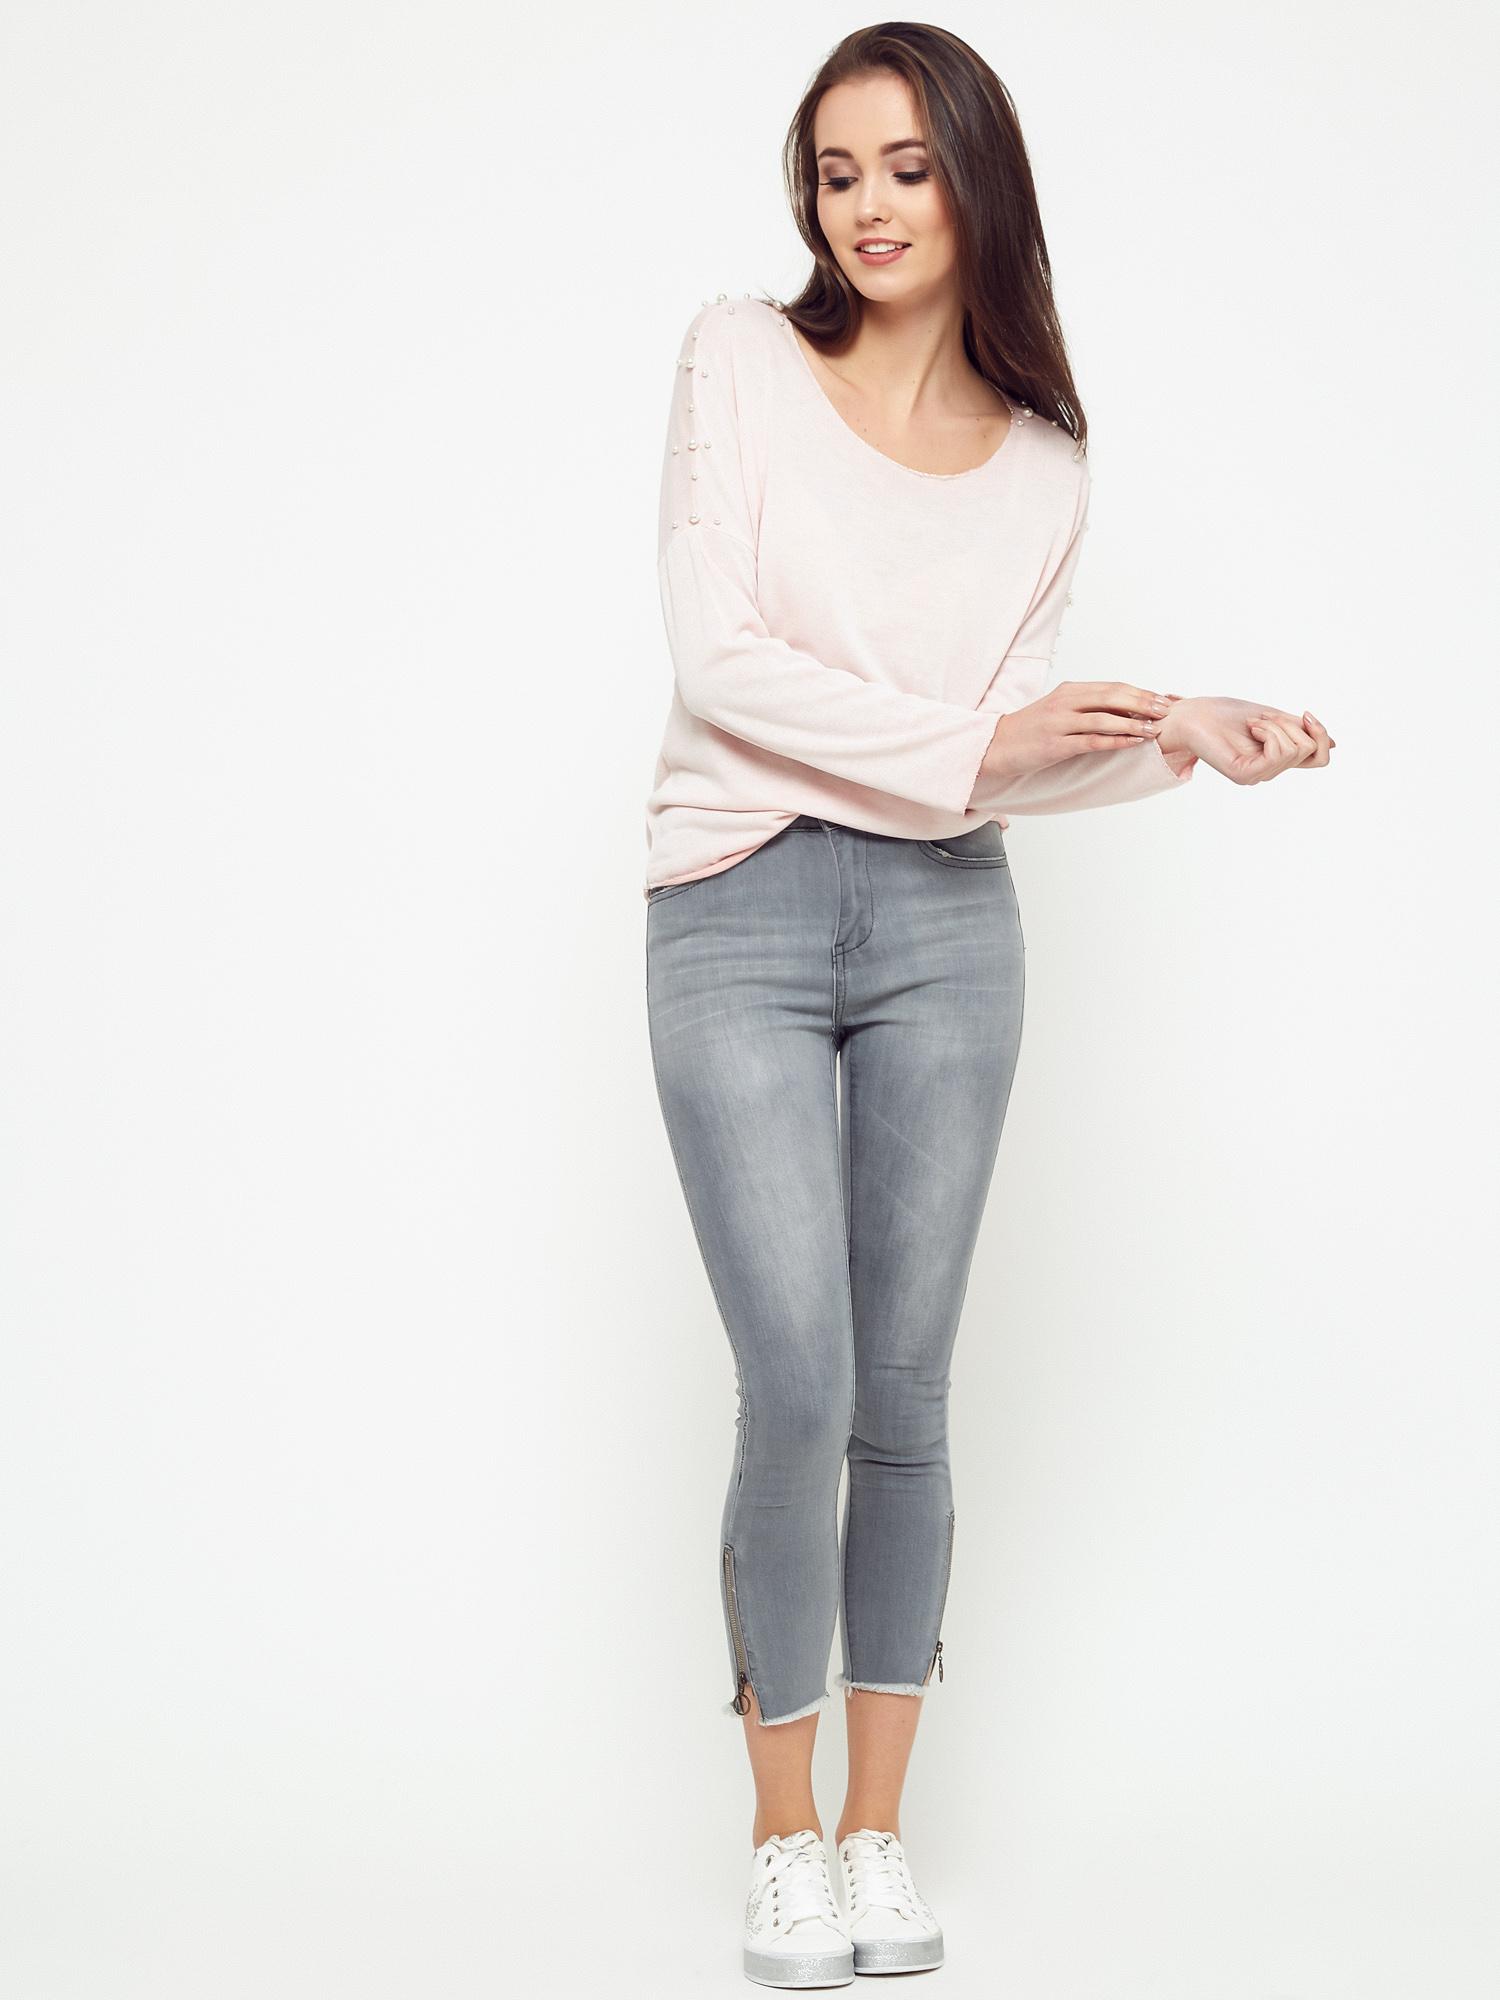 Praktyczne i wygodne bluzki z bawełny